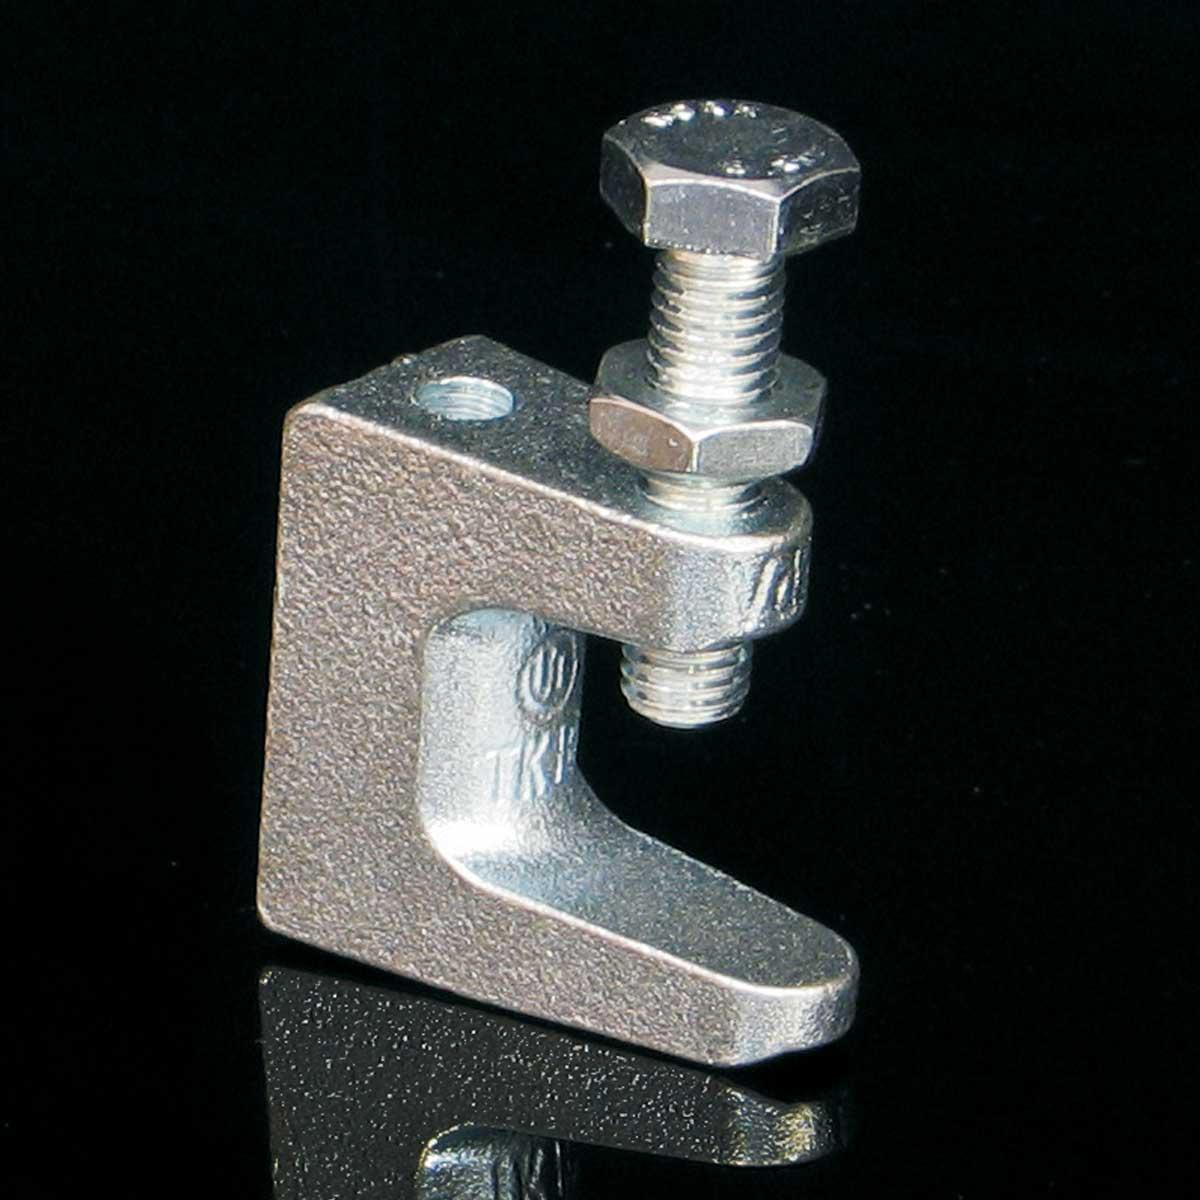 Фіксуючий зажим JUPITER; розміри-x0-26xmm Товщ. метал- Вага-0,21кг/м